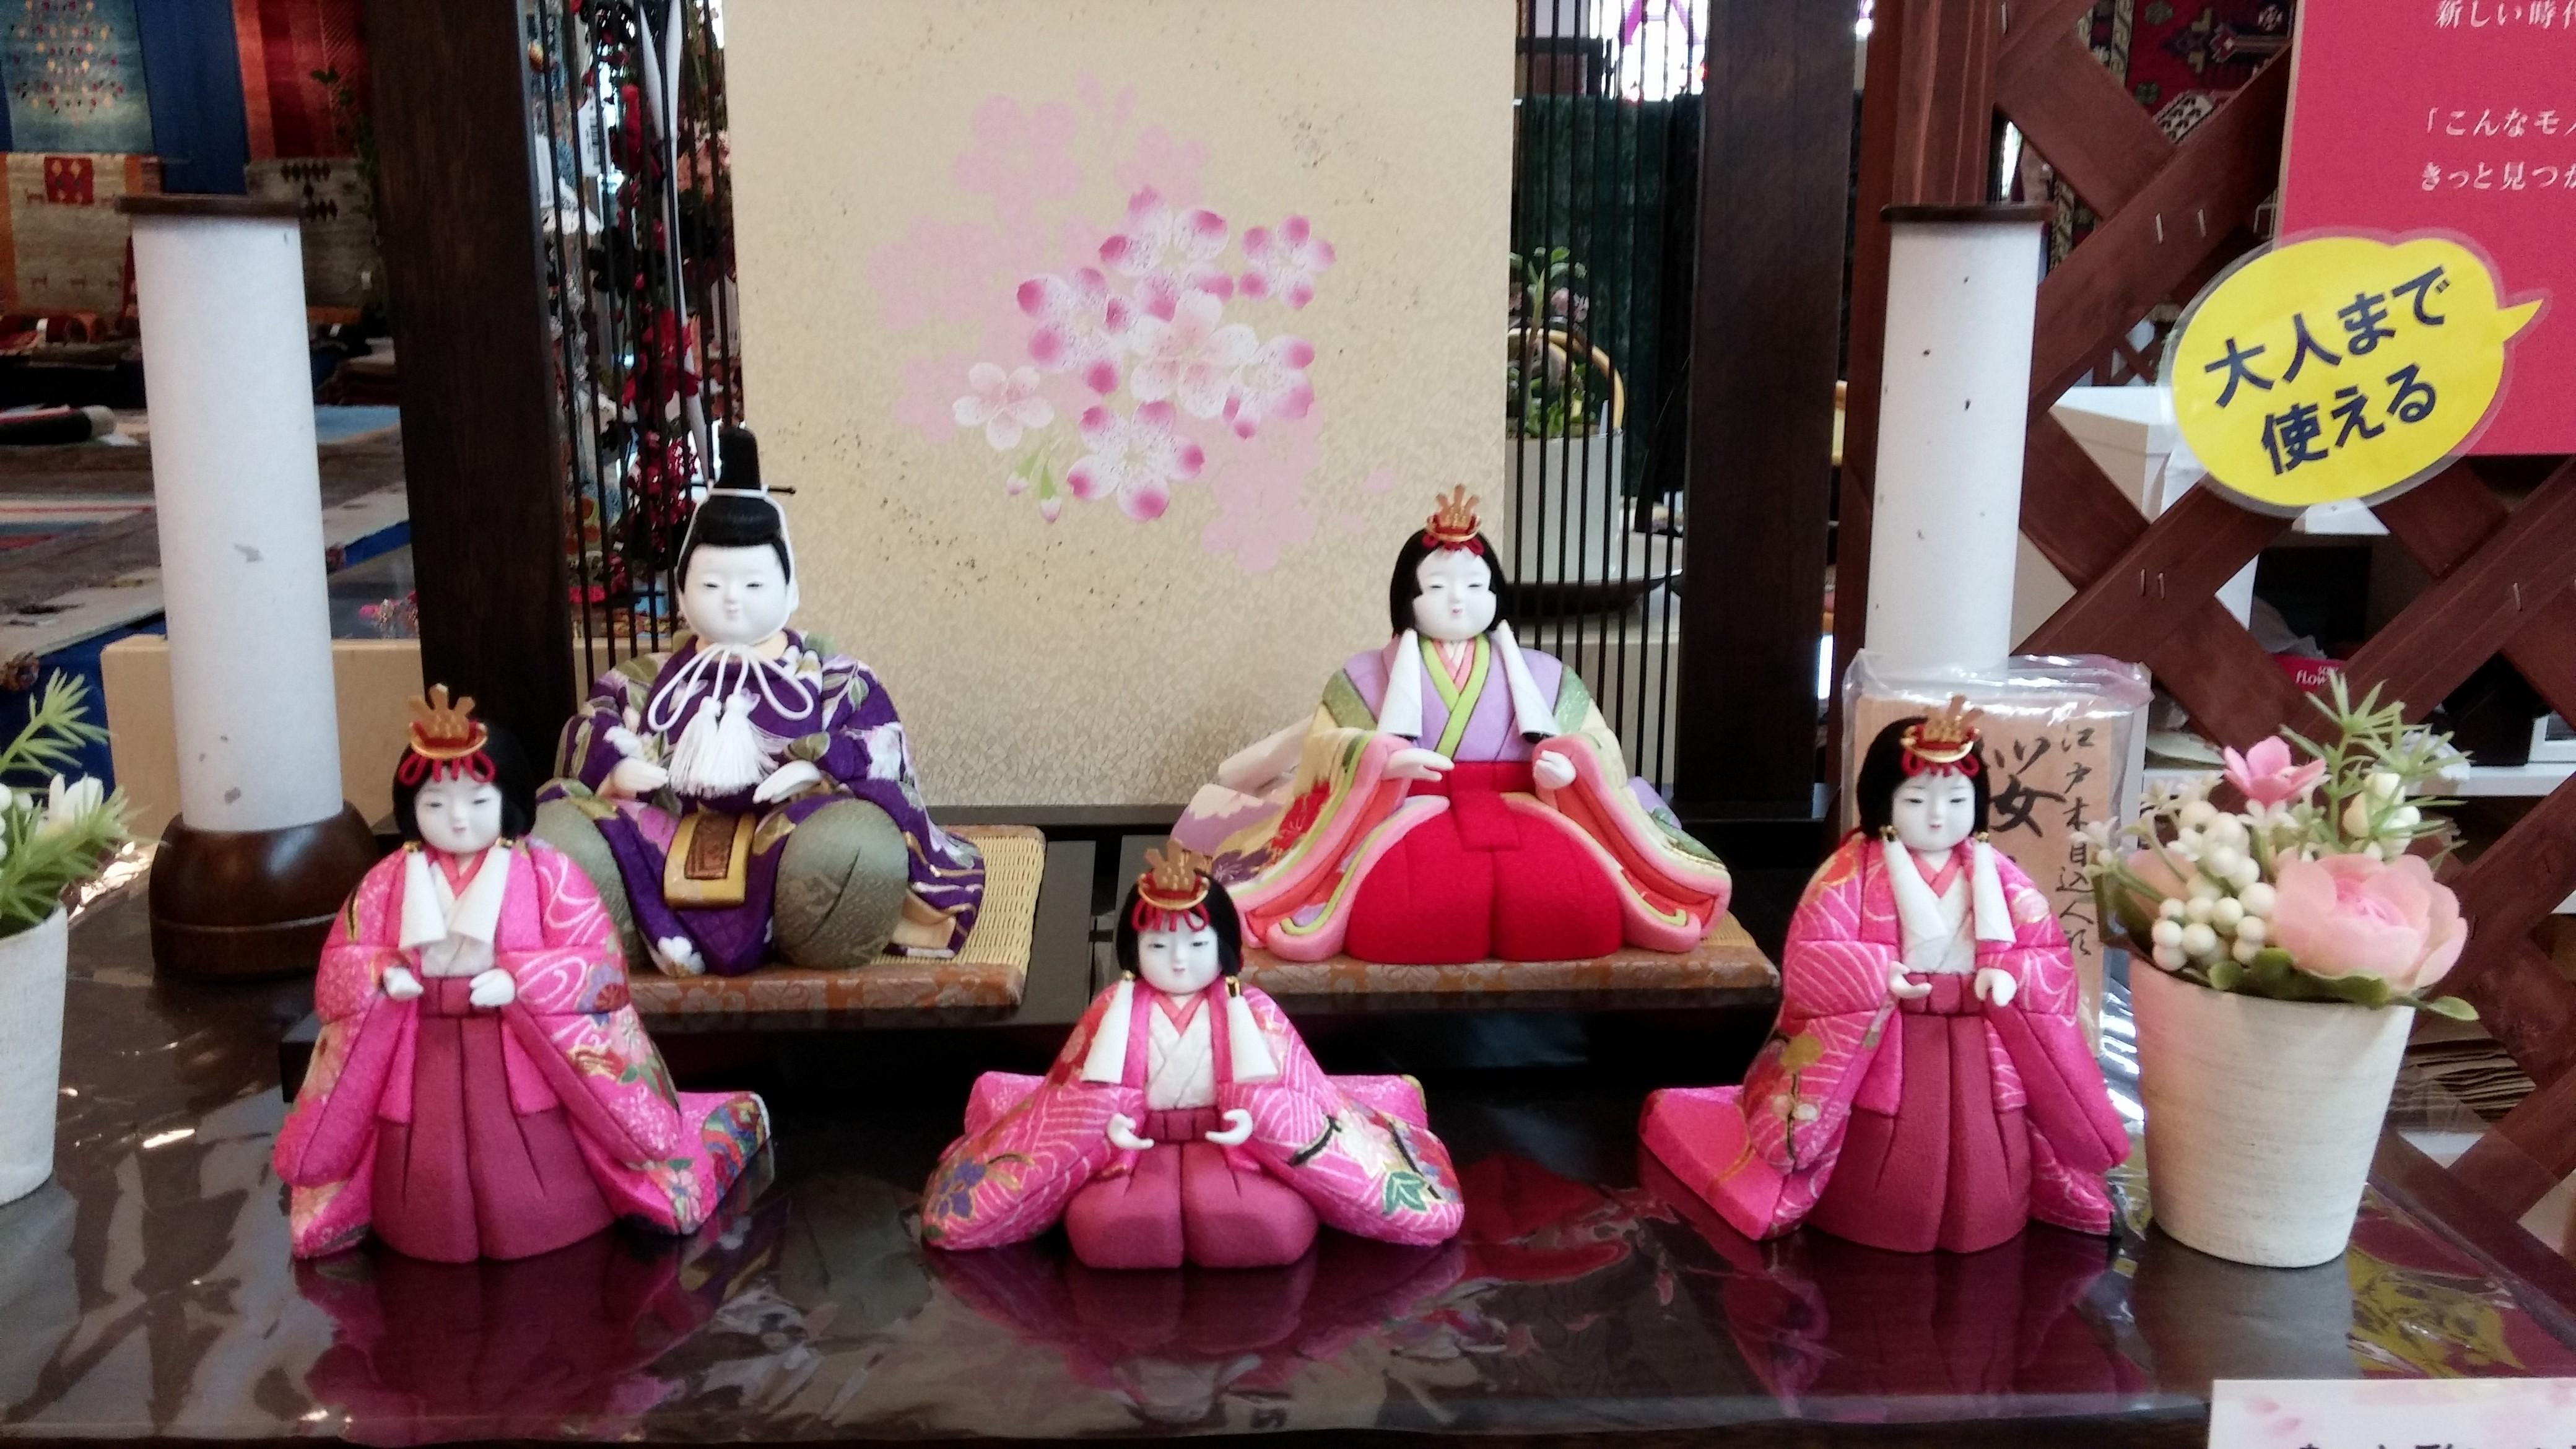 江戸木目込人形y作家 喜久絵さんの作品は愛らしく高級感が特徴です